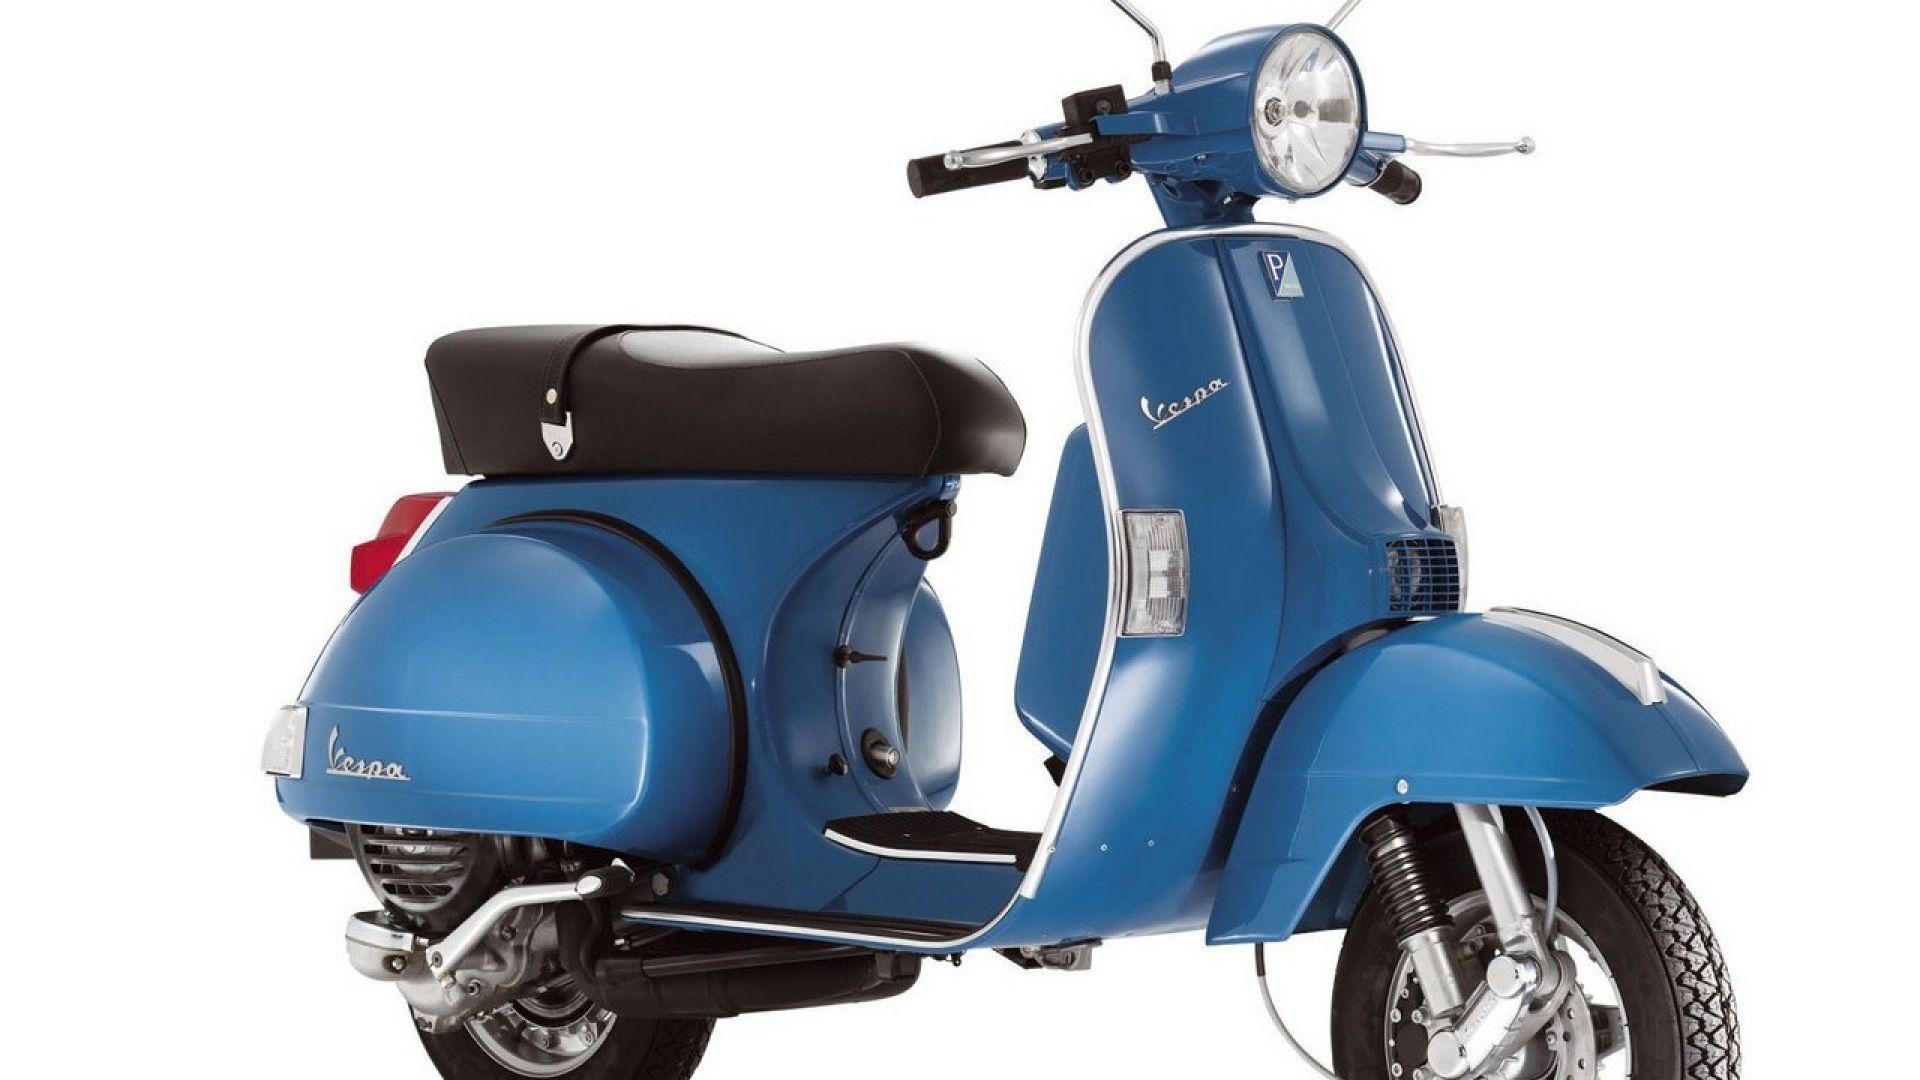 Immagine 10: Piaggio Vespa PX 2011